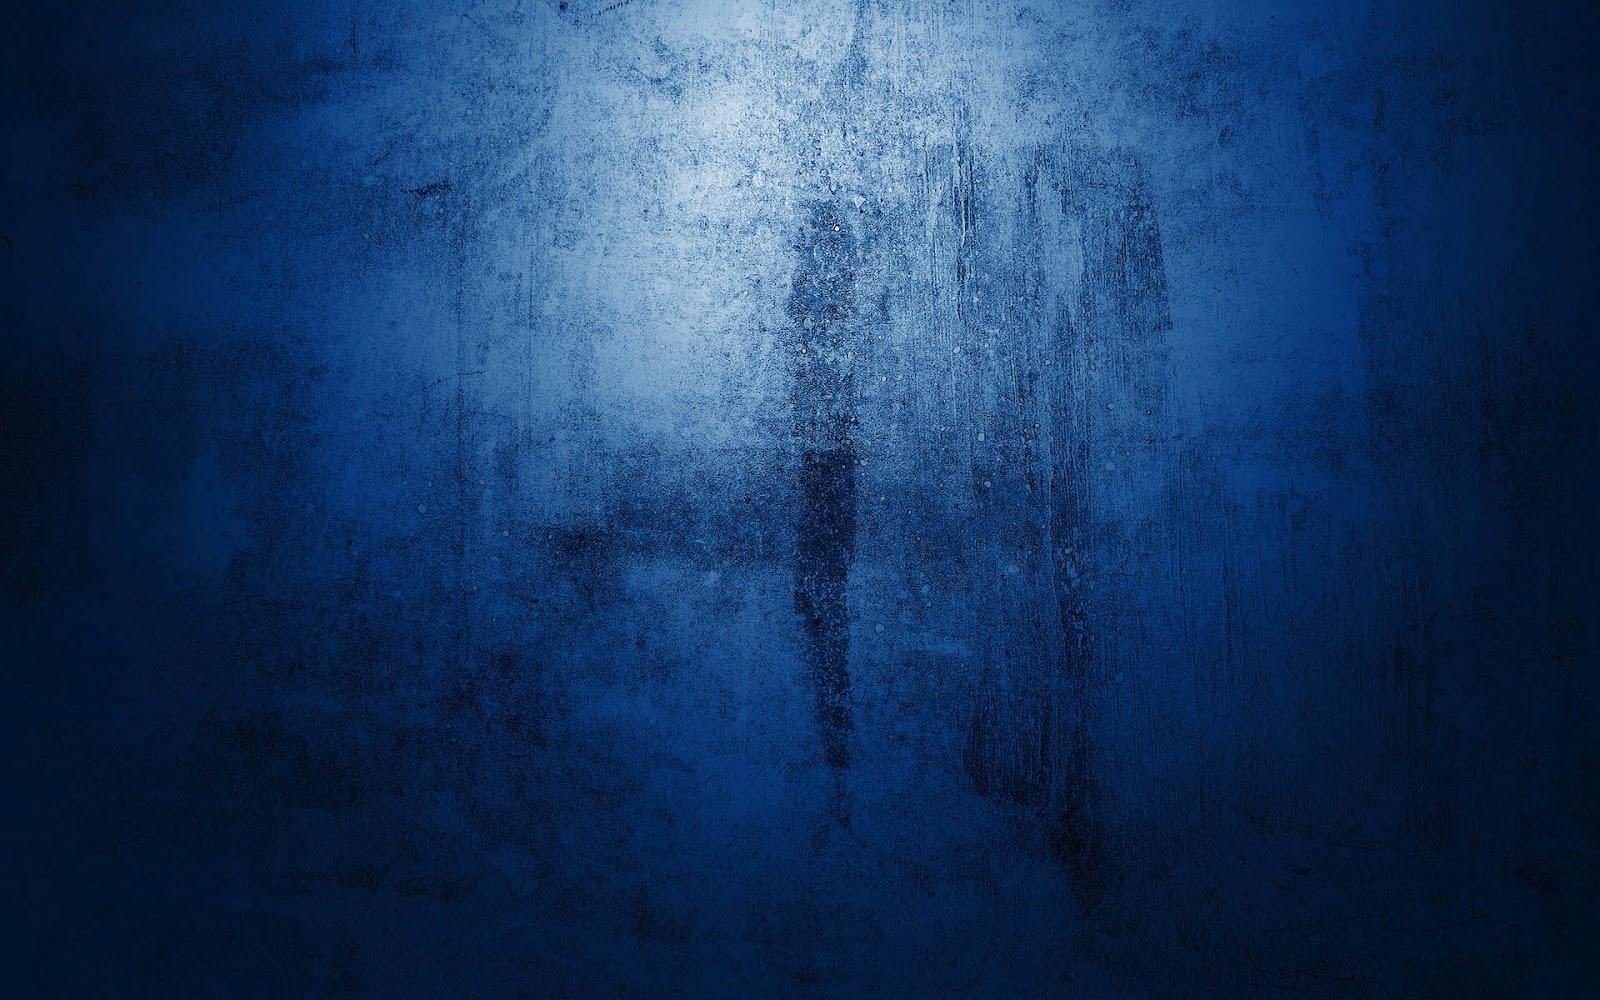 Smiley Full Hd Wallpaper And Achtergrond: HD Blauwe Achtergronden En Foto's